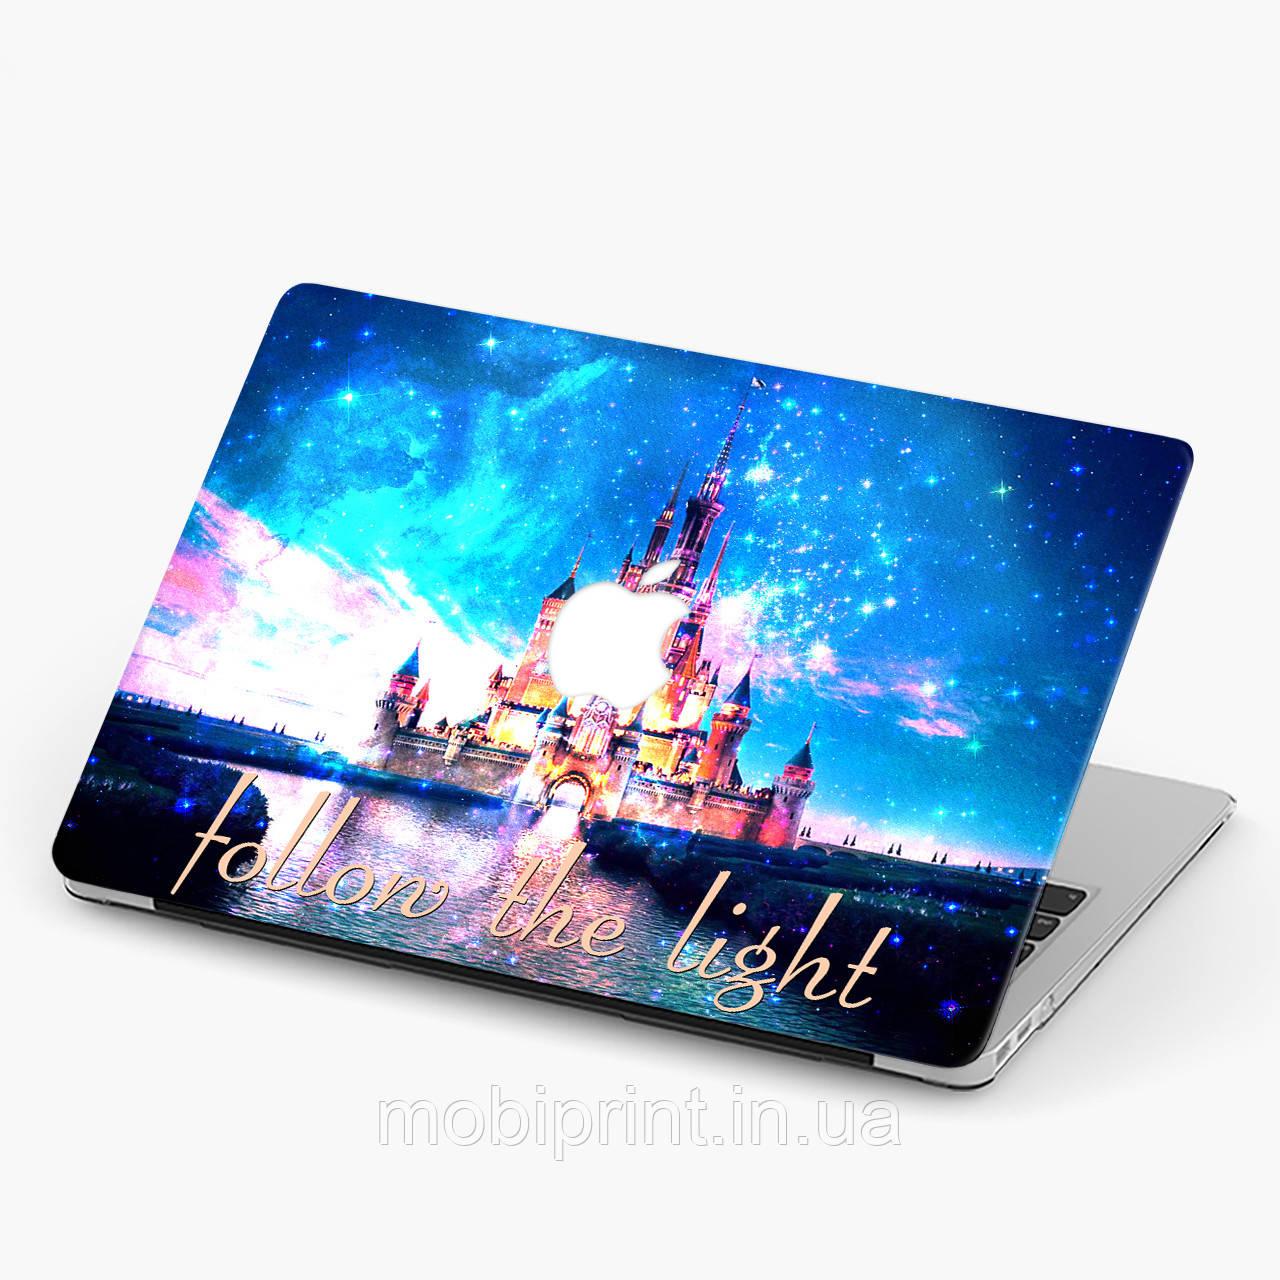 Пластиковий чохол для Apple MacBook Pro / Air Дісней Вслід за світлом (Disney Follow the light) макбук про